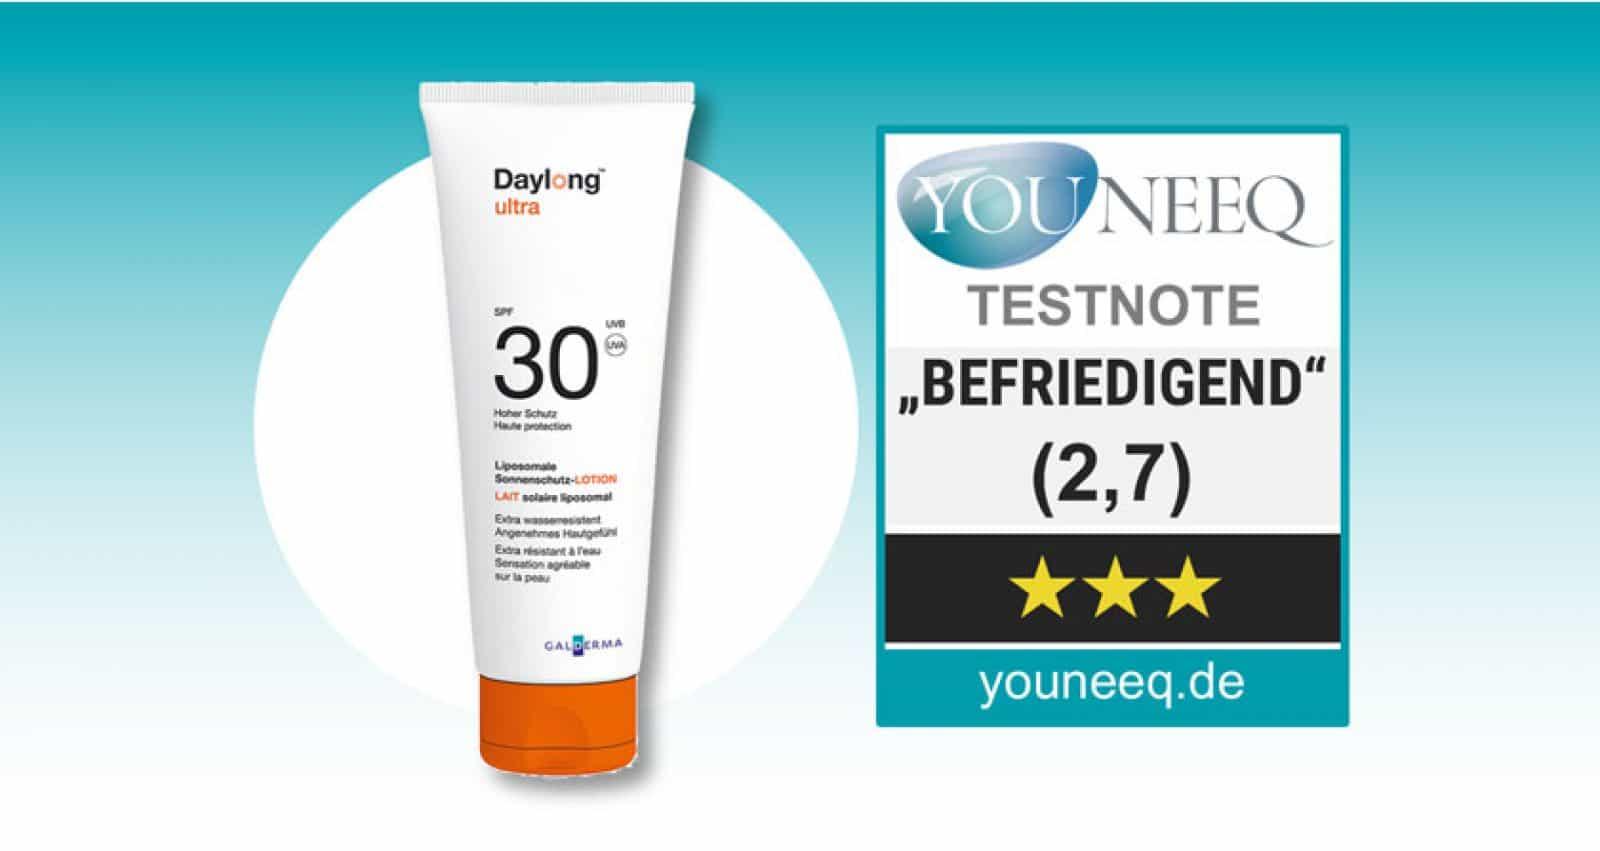 Daylong Ultra SPF 30 Test